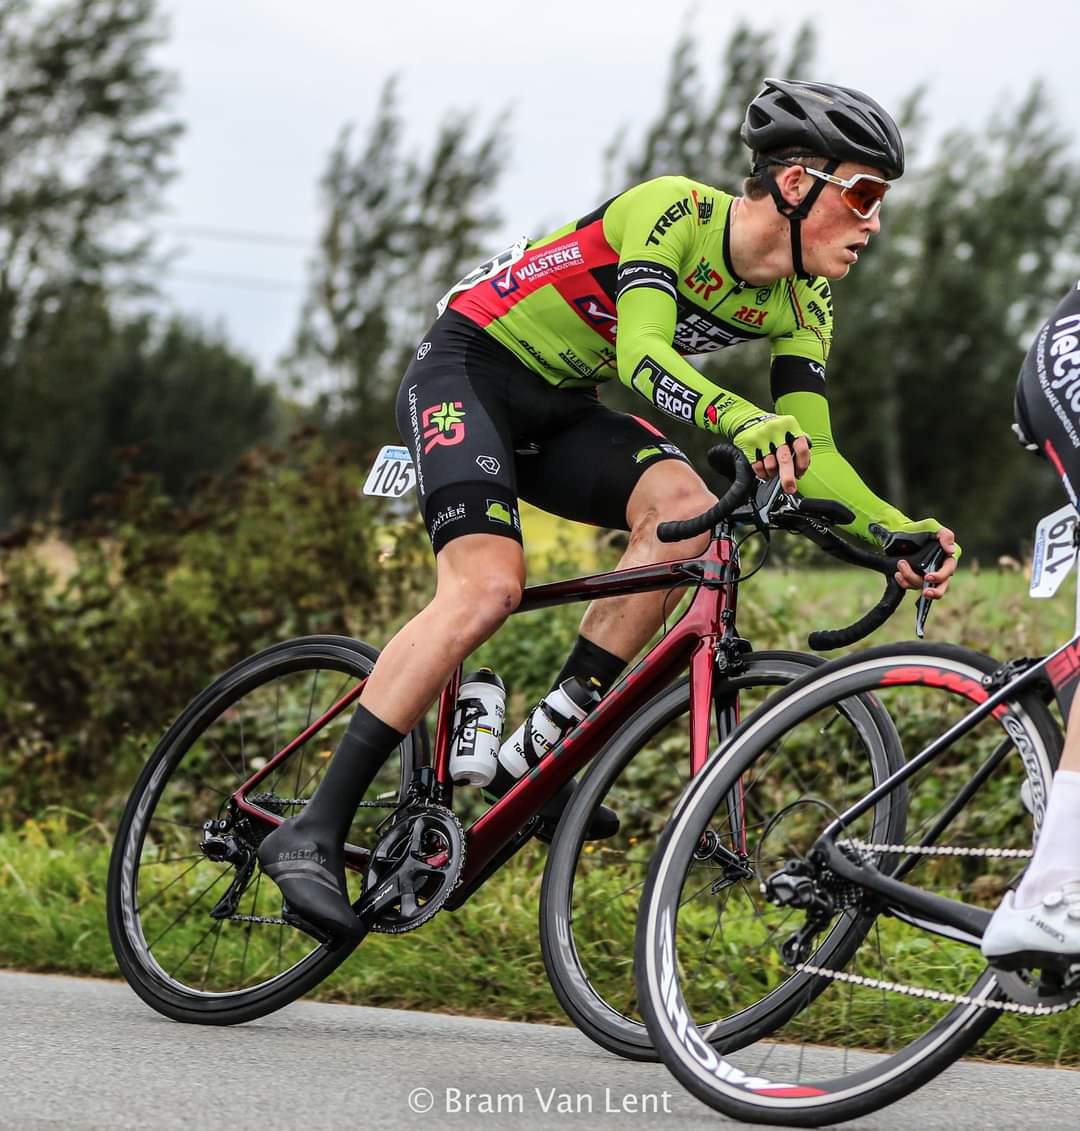 Siebe Roesems met zelfvertrouwen naar de driedaagse Sportbreizh